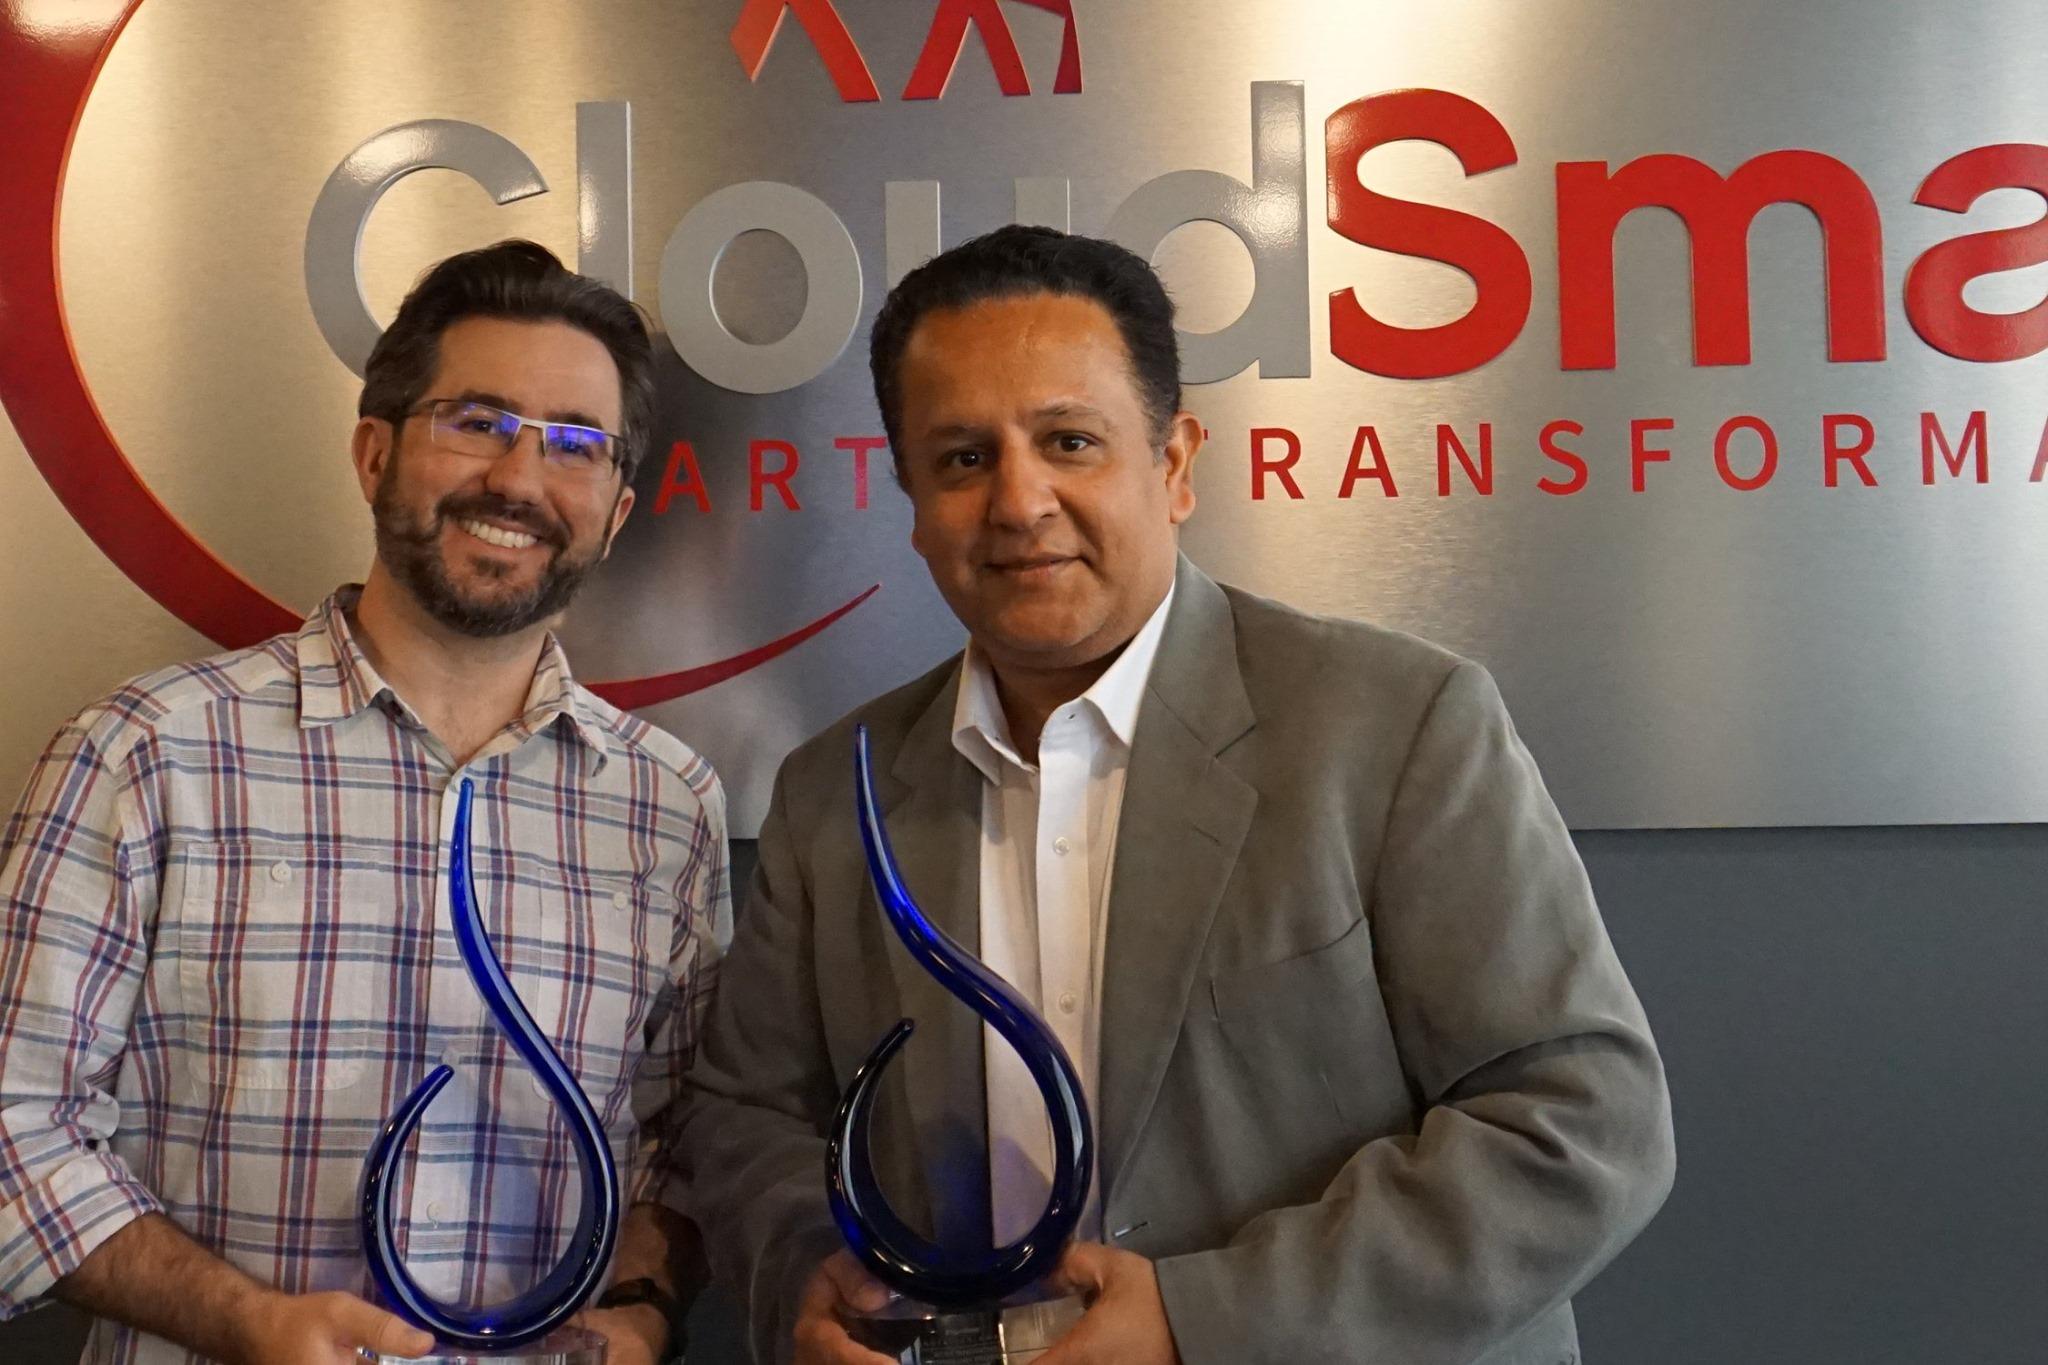 CloudSmartz is a Pipeline Innovation Awardee